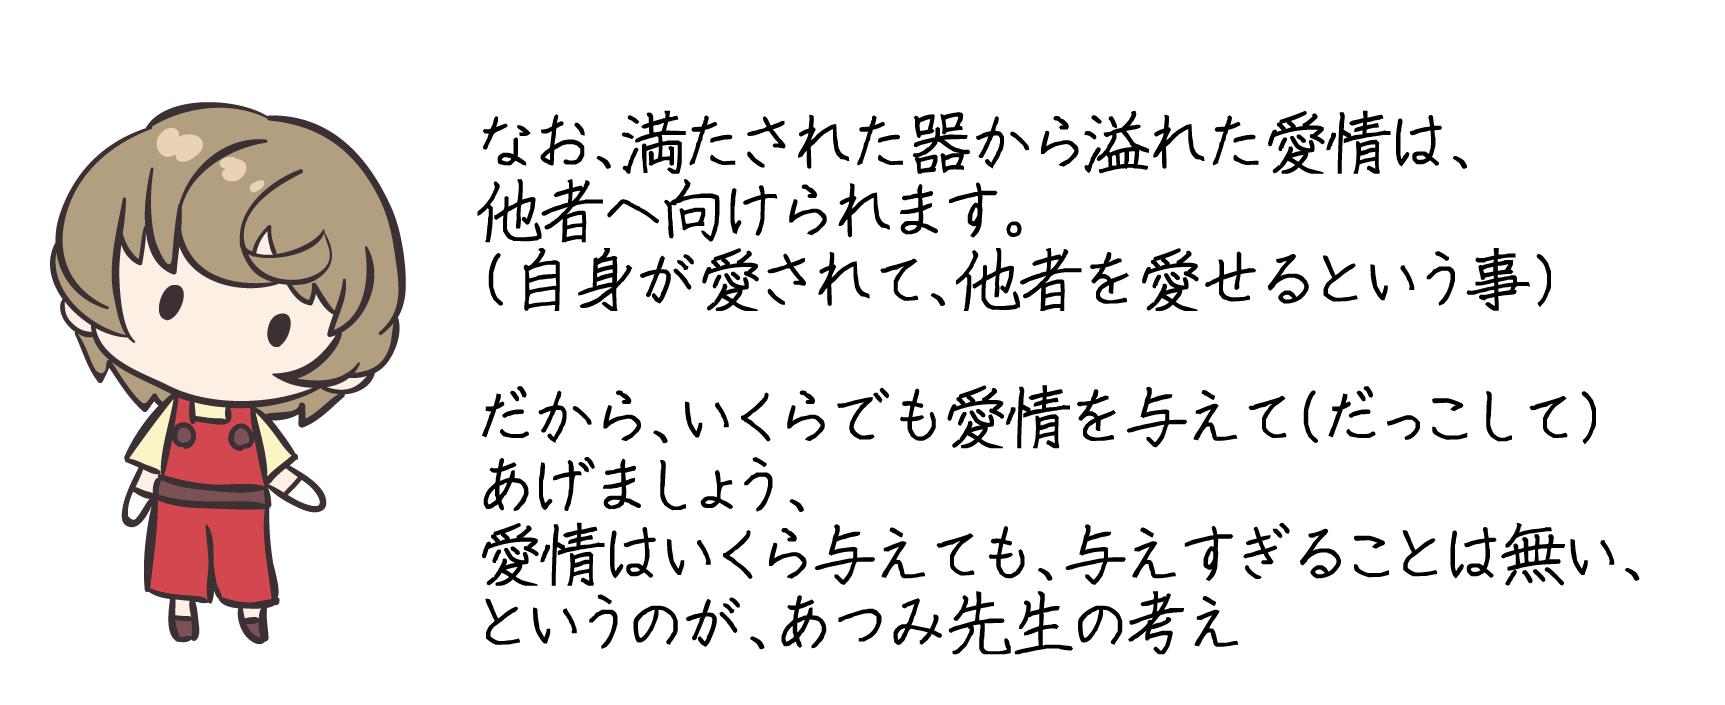 愛情の器解説2